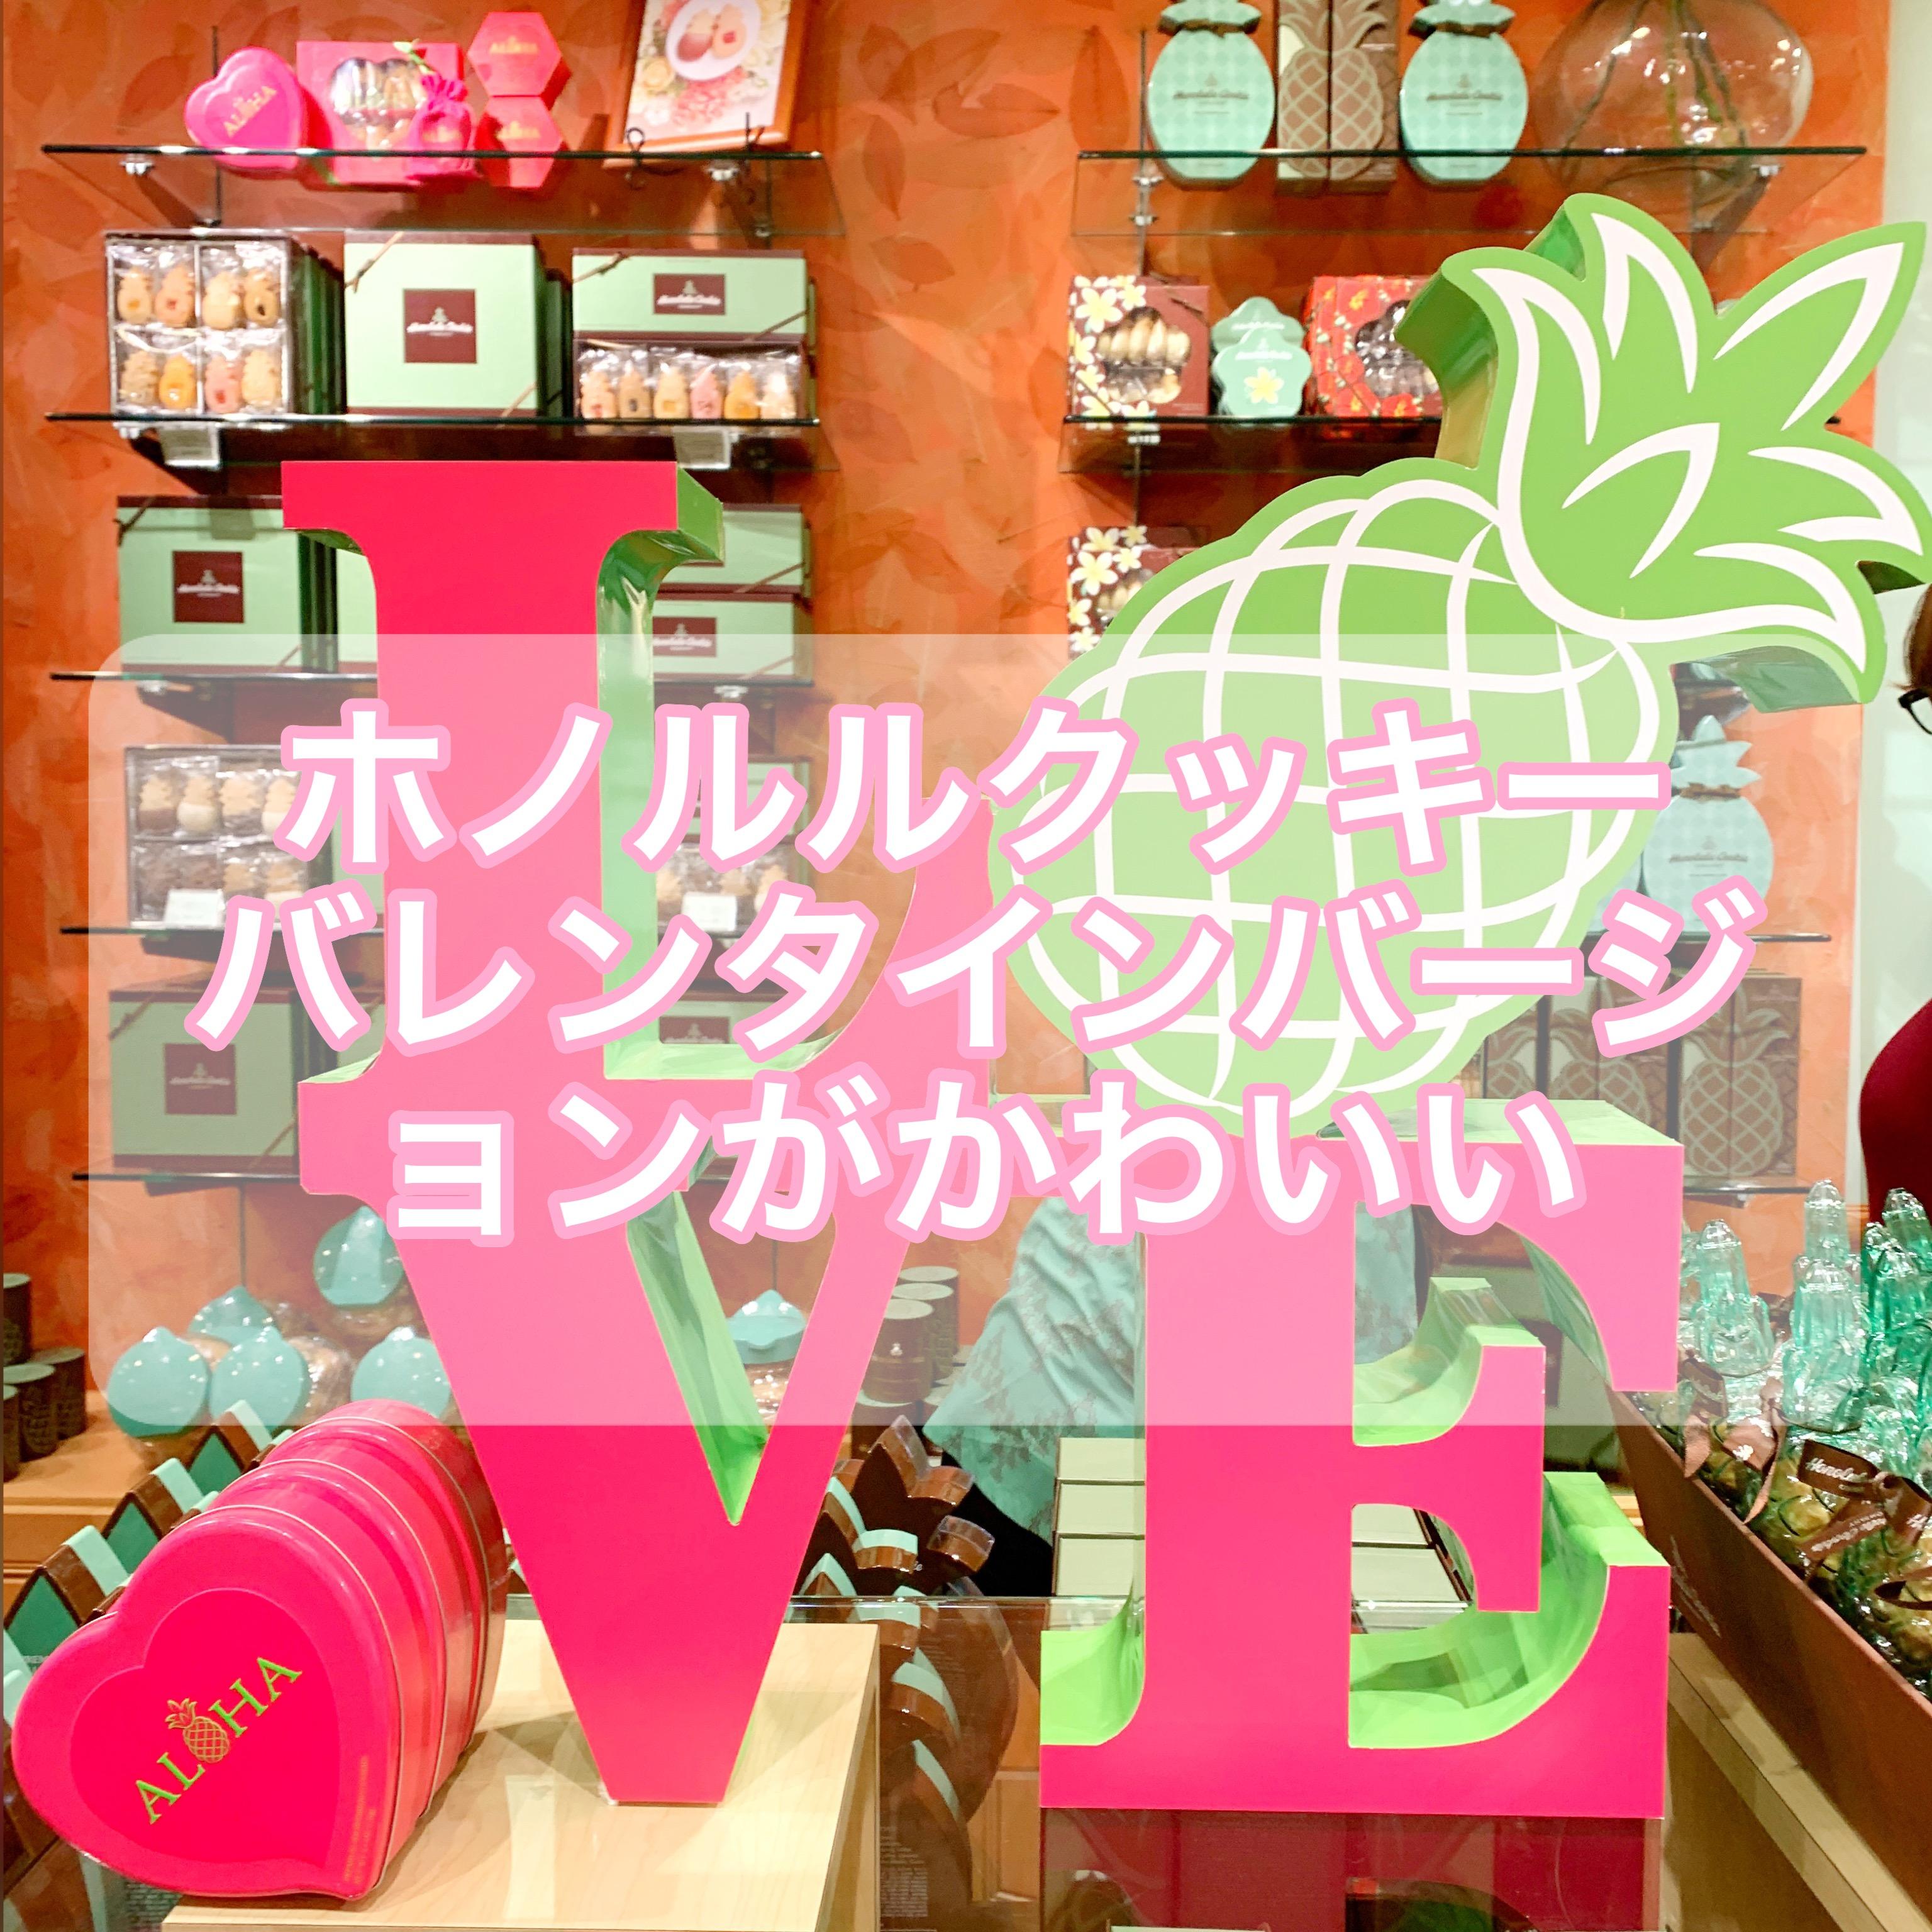 【ハワイ土産】ホノルルクッキーにバレンタイン限定商品が登場【人気】